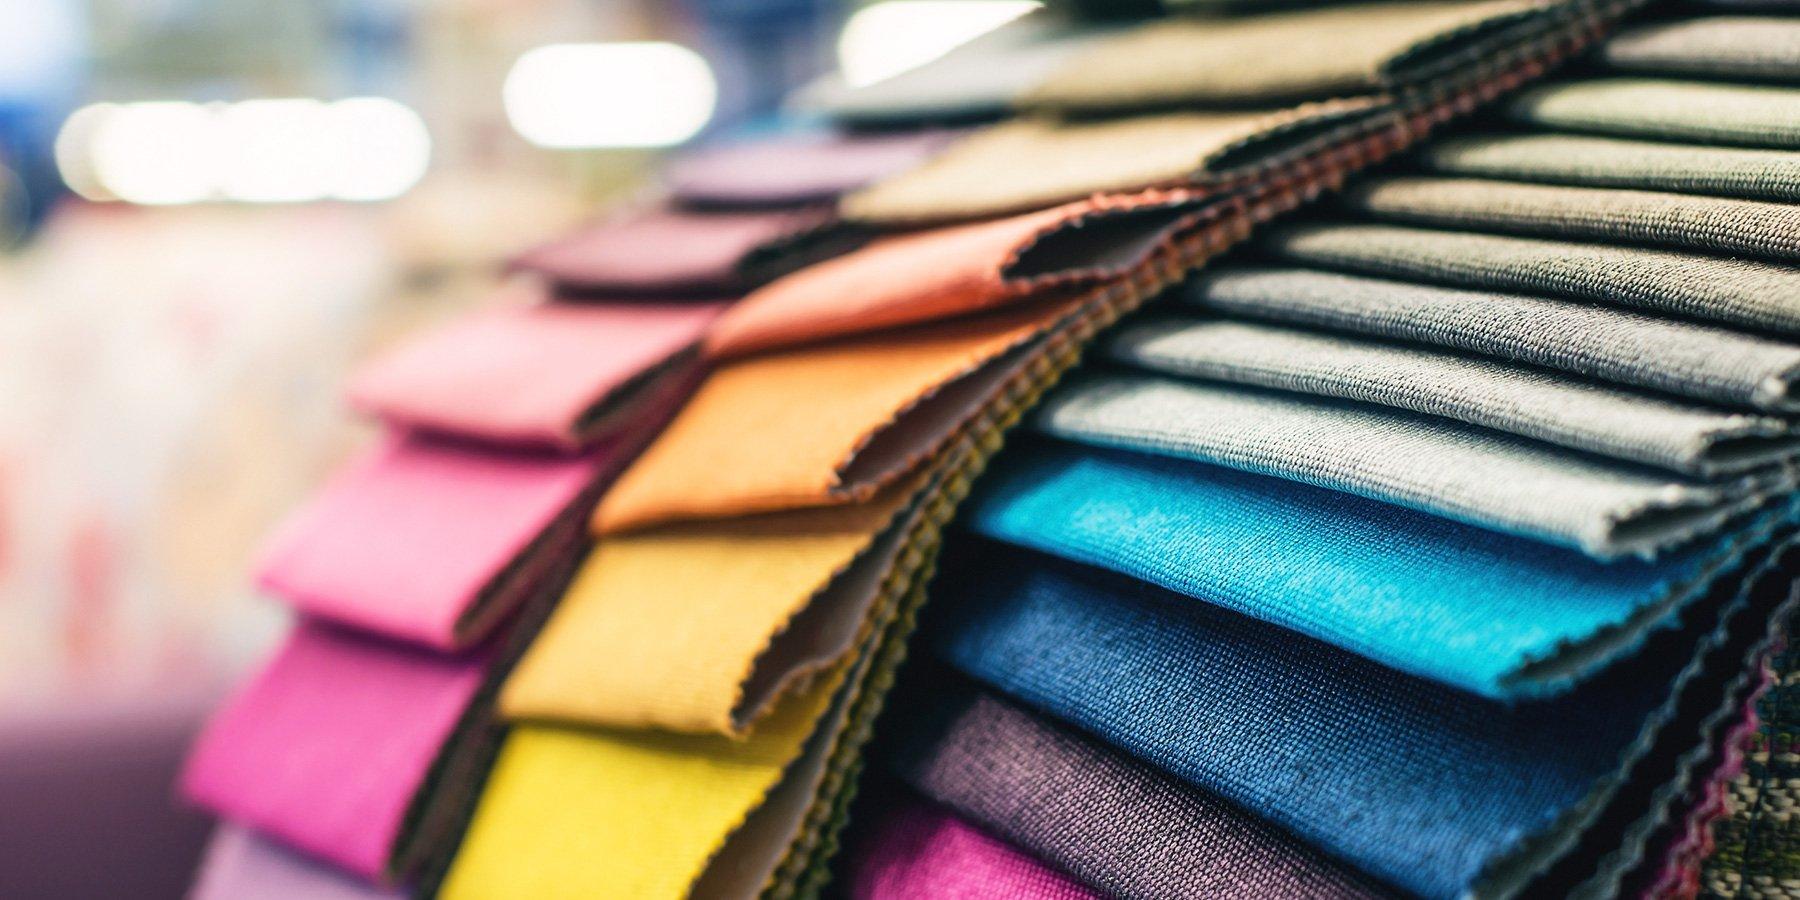 Tessuti di vario genere e colore Chiavenna